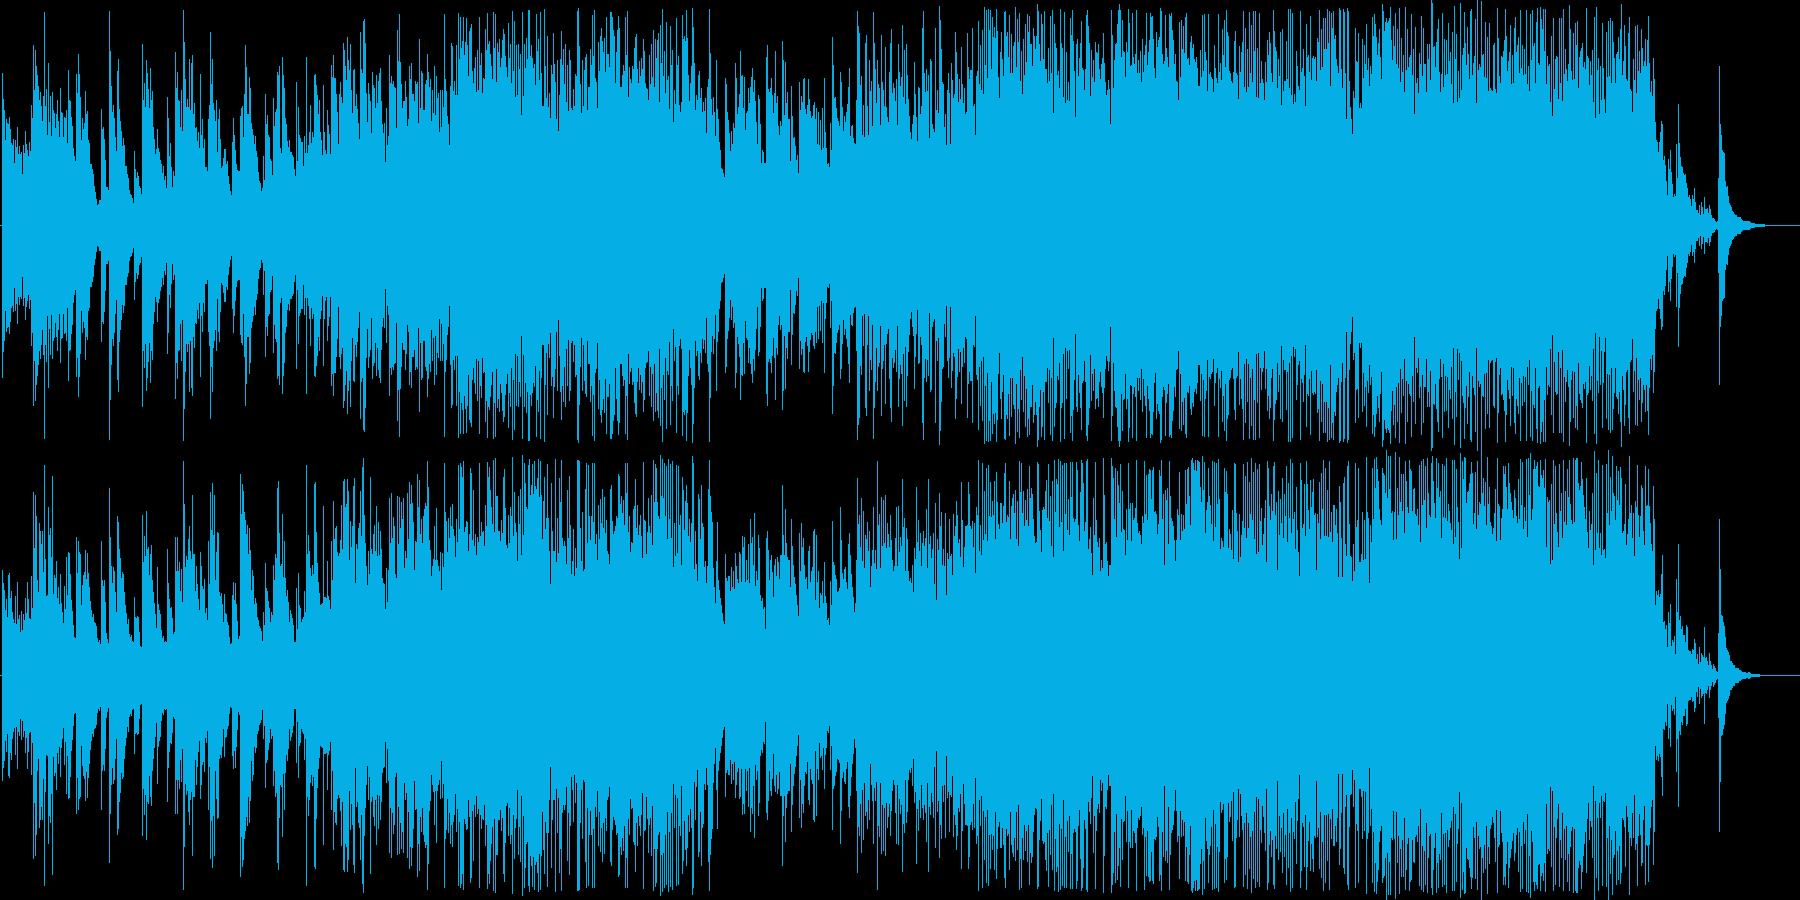 静かな所からドラマティックに盛り上がるの再生済みの波形